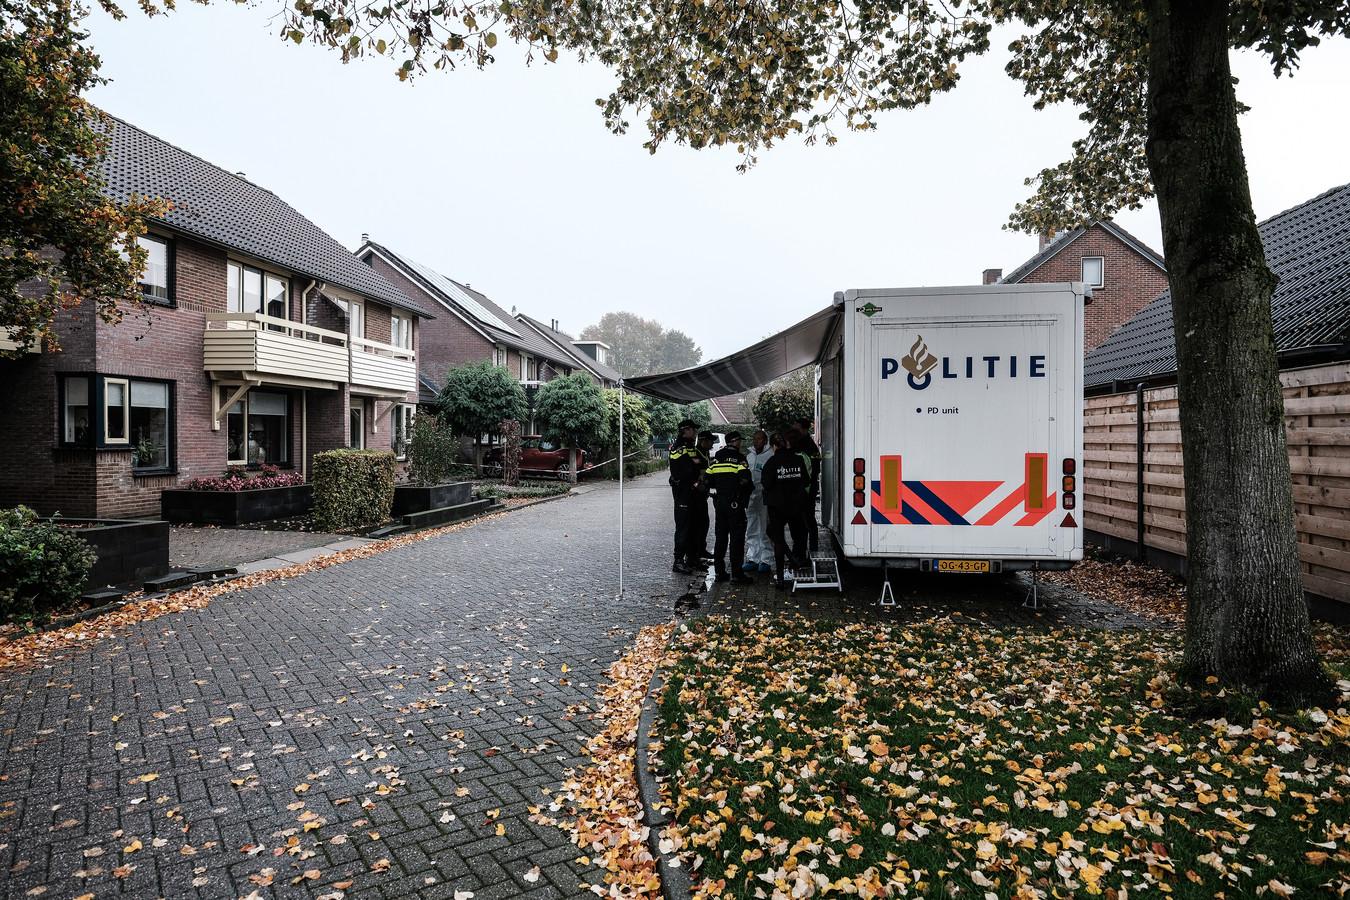 De politiepost in de Julianastraat. Foto van De Gelderlander-fotograaf Jan van den Brink, die de hele ochtend in Hengelo was om het politieonderzoek in beeld te brengen.